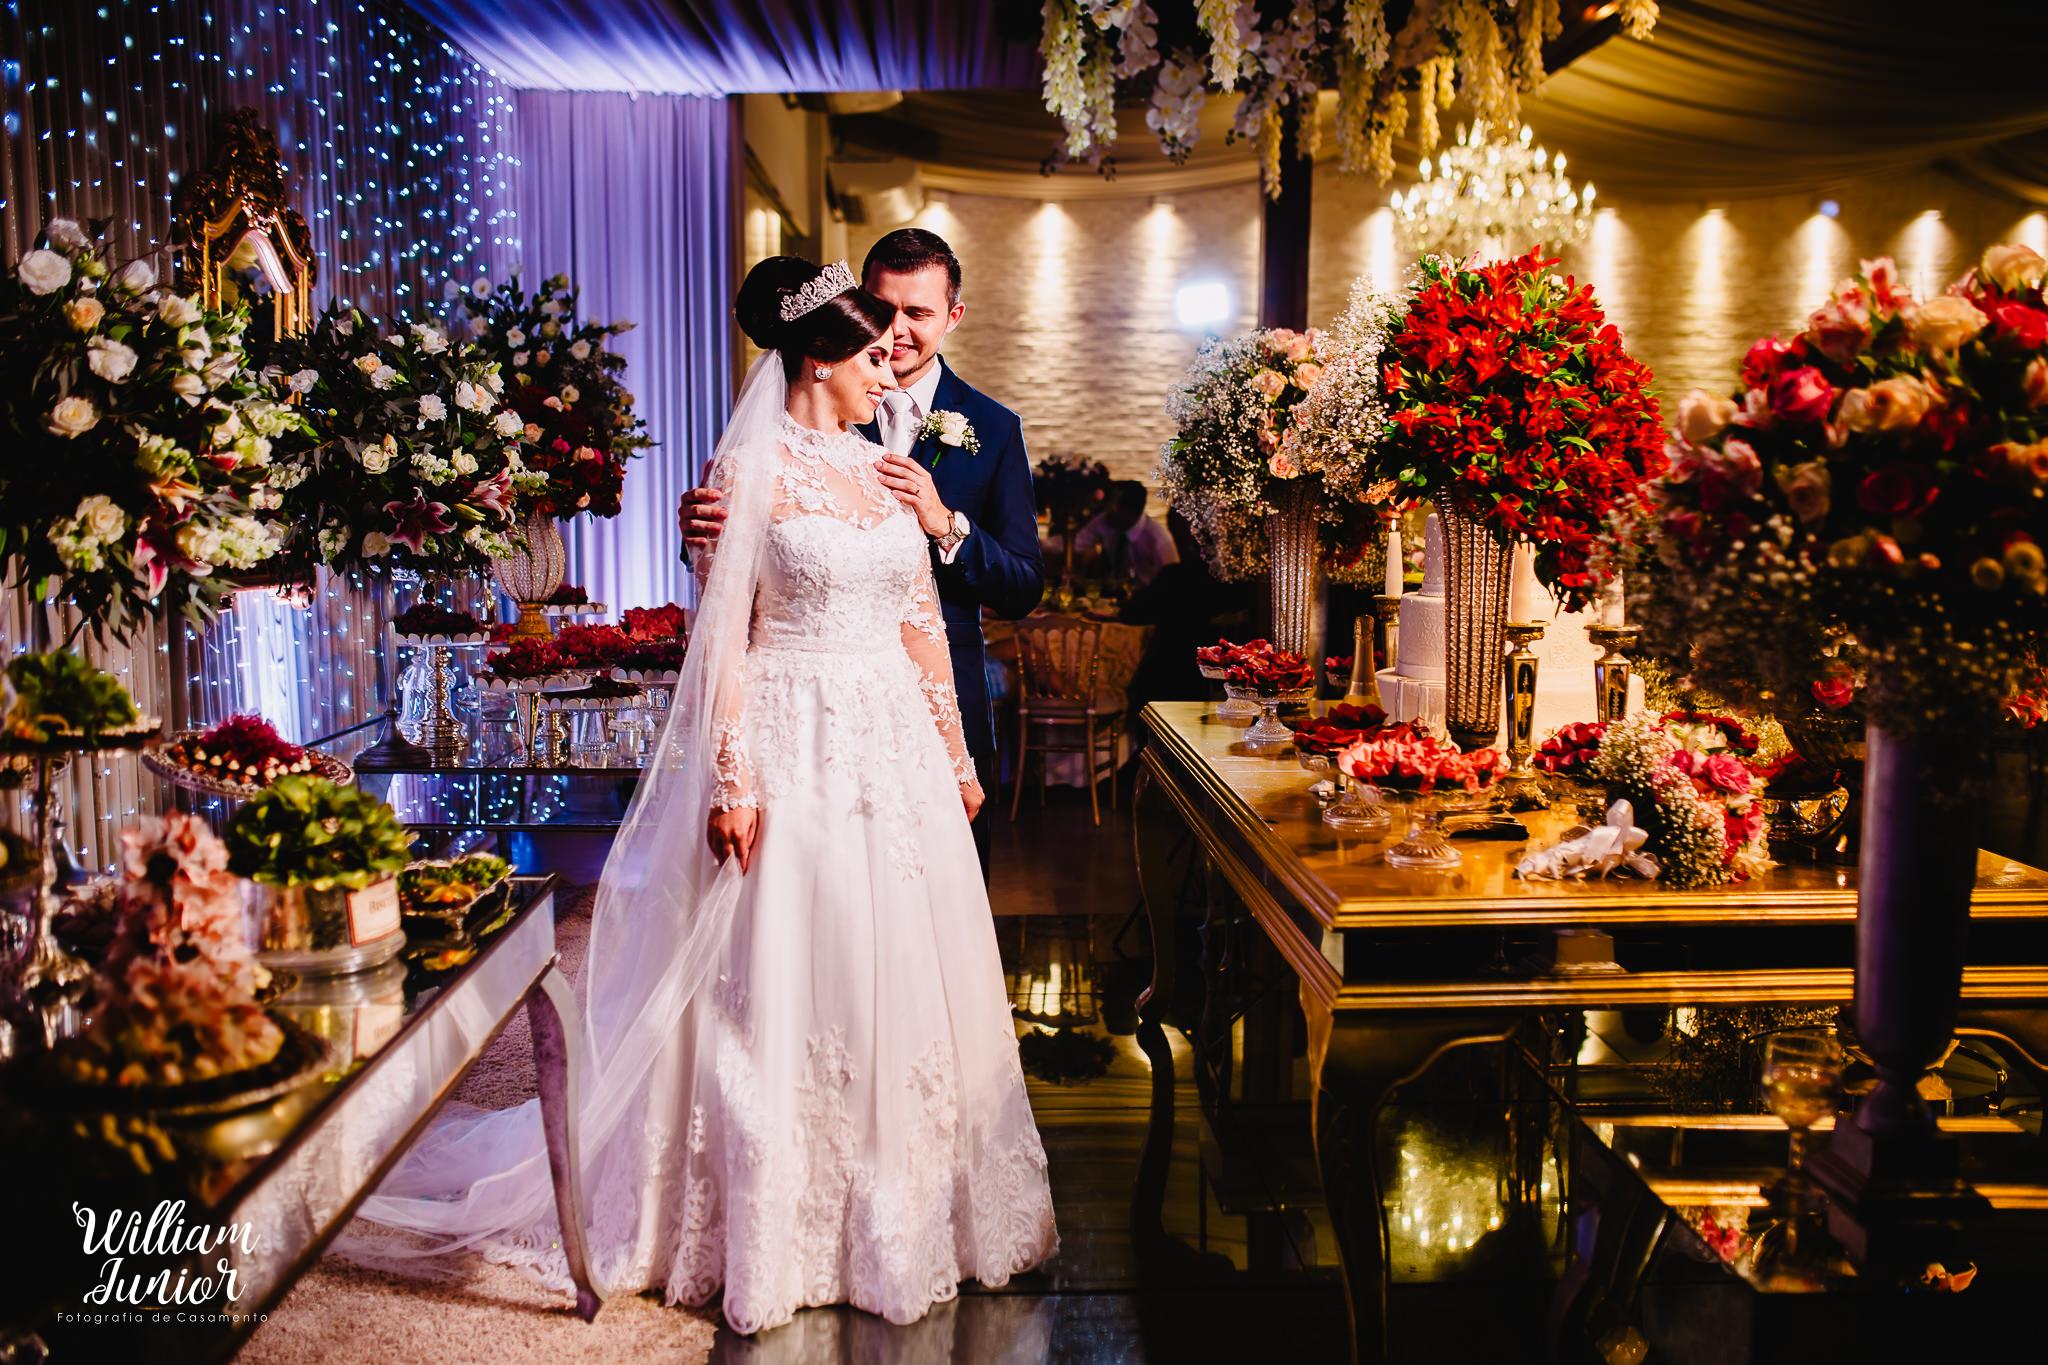 Contate William Junior - Fotógrafo de Casamento em Fortaleza-CE